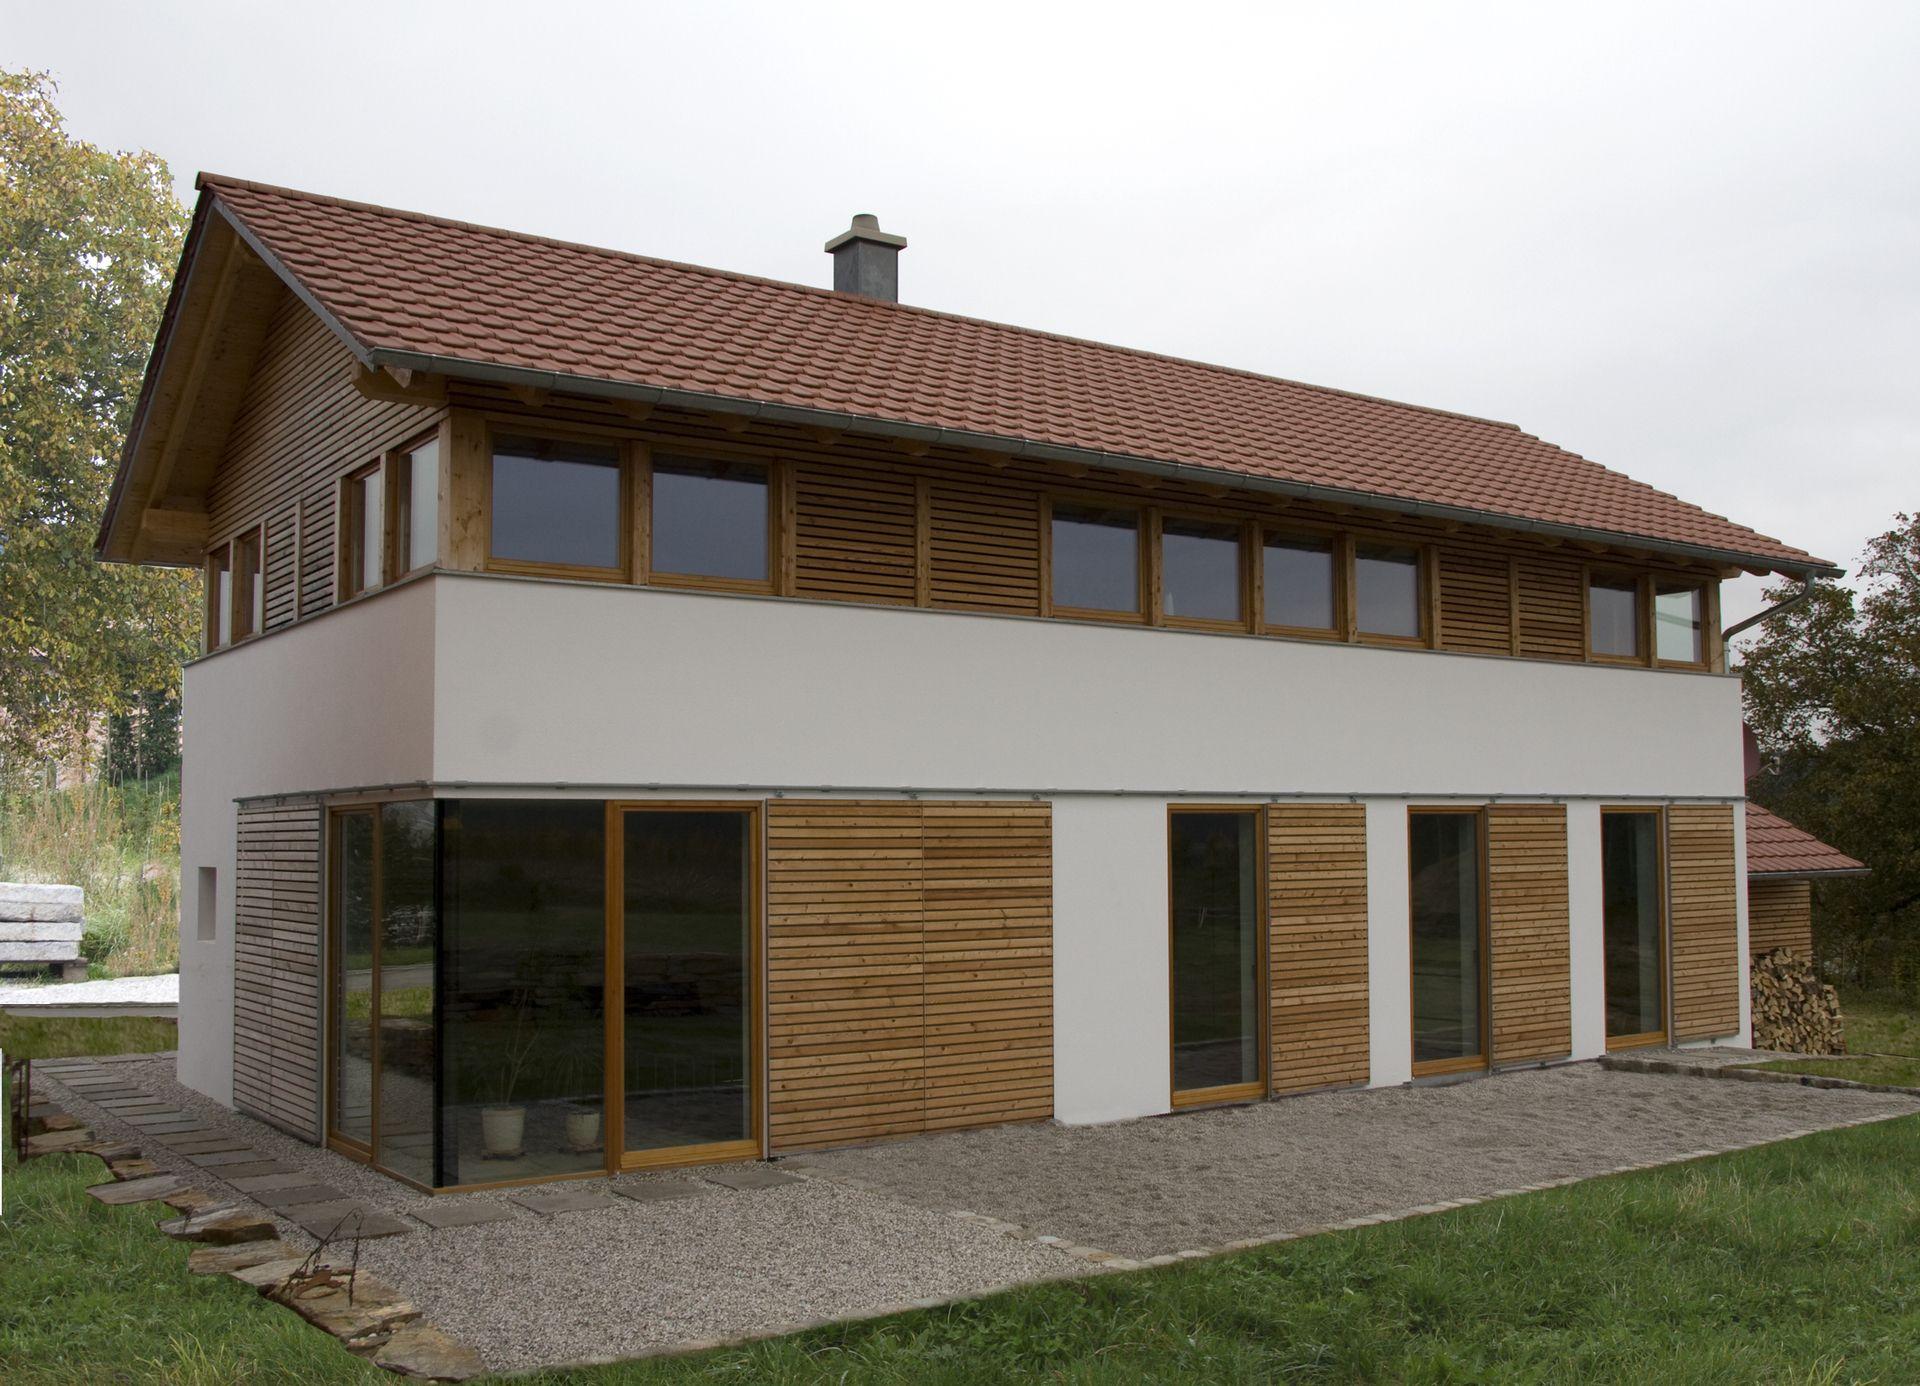 modernes Bauernhaus in ländlicher Umgebung (Niederbayern ... size: 1920 x 1386 post ID: 8 File size: 0 B